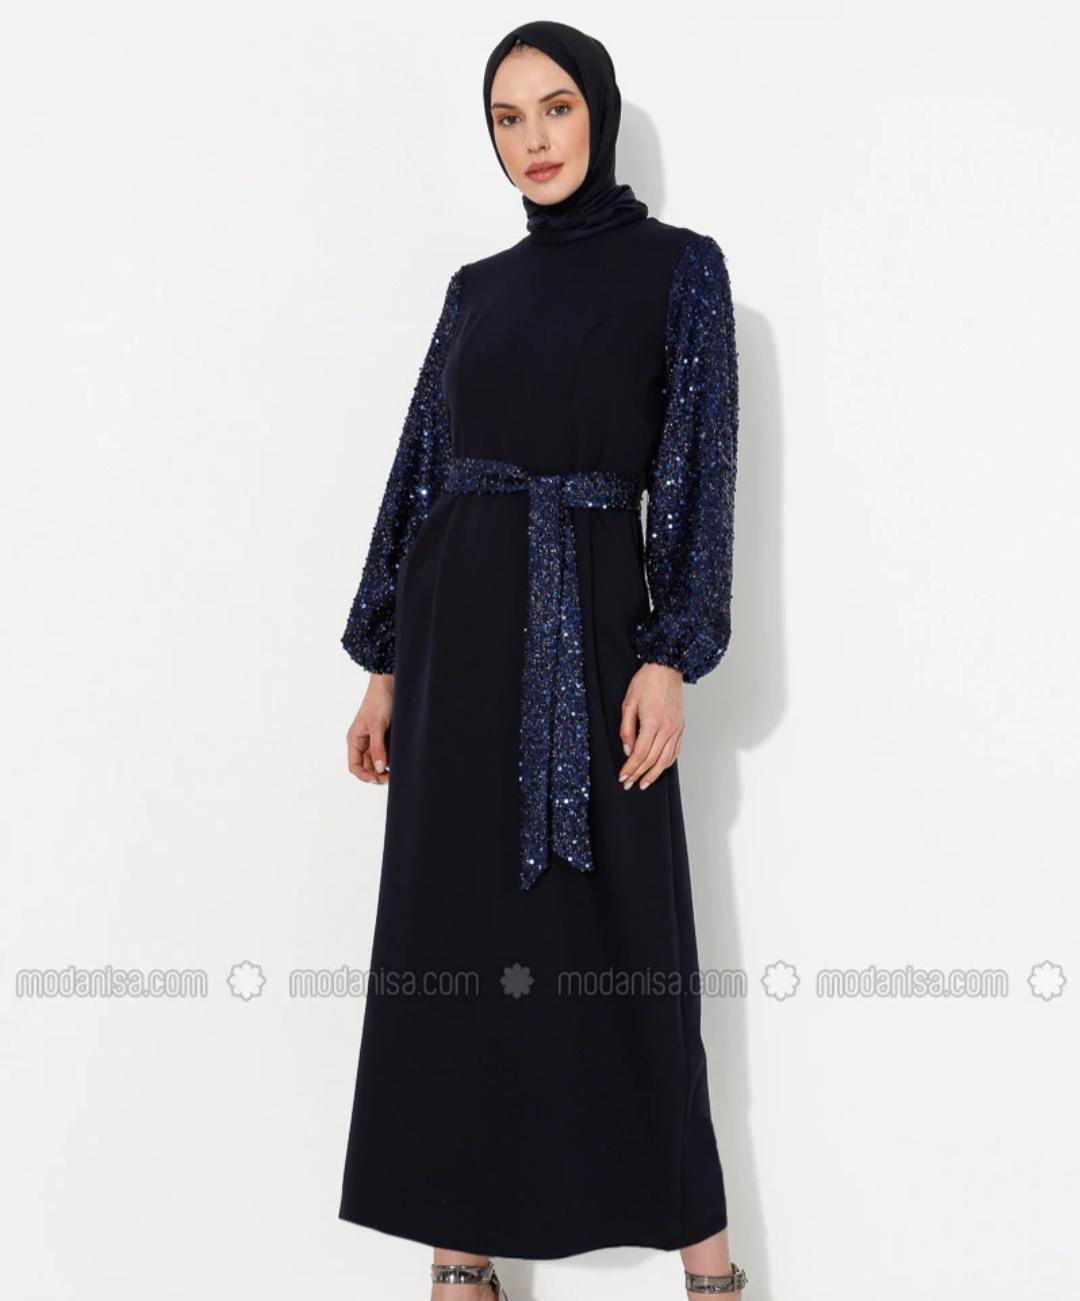 robe hijab pour soirée 2021